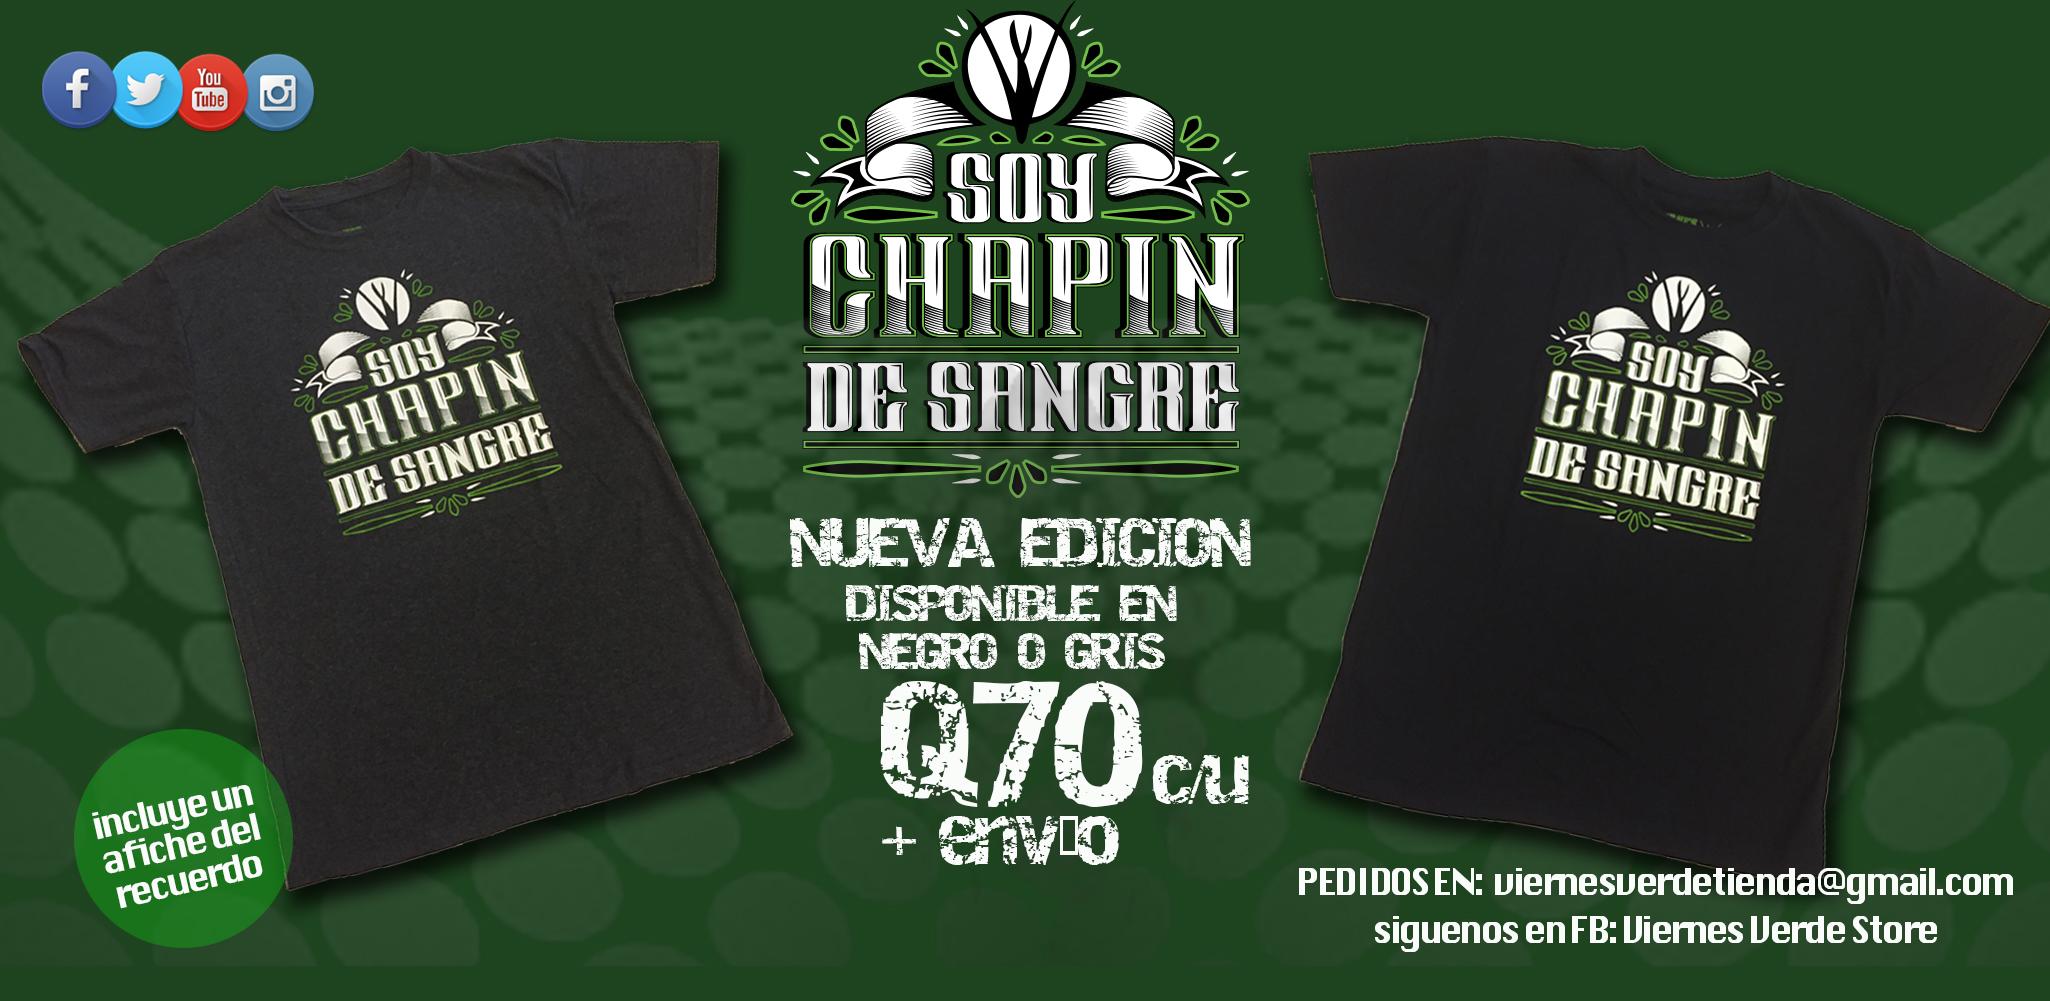 SOY CHAPIN DE SANGRE